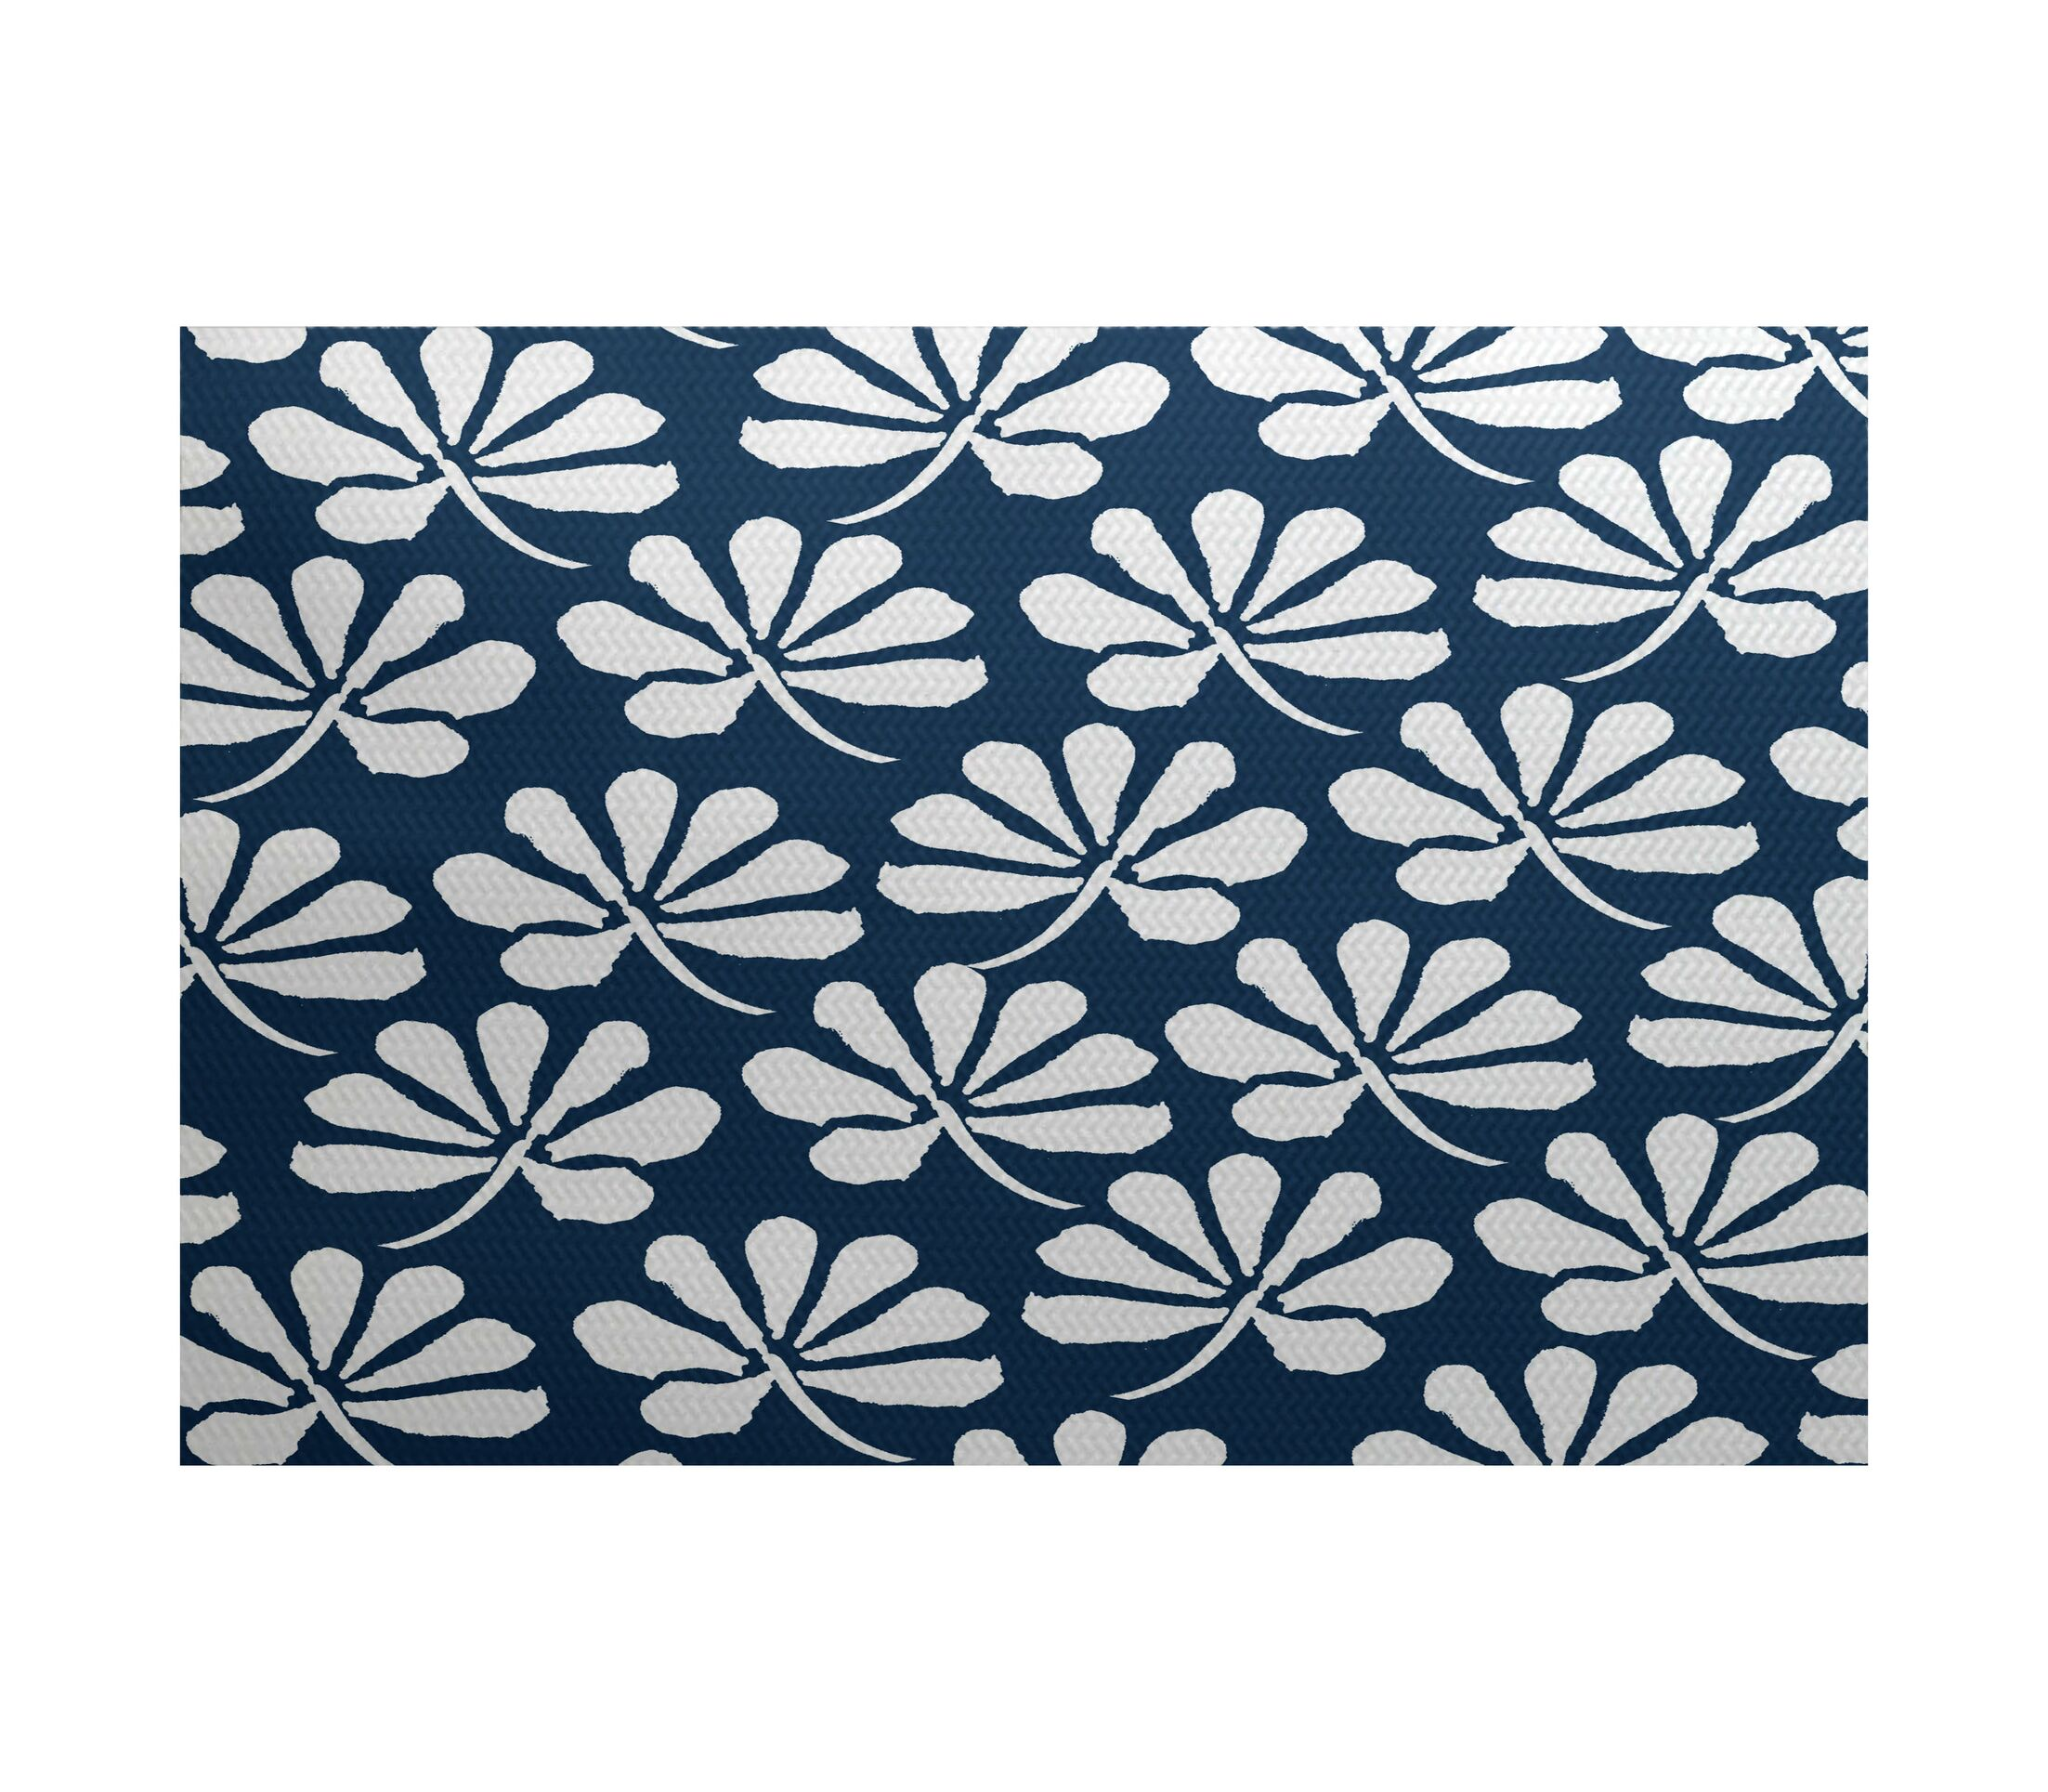 Velasquez Blue Indoor/Outdoor Area Rug Rug Size: Rectangle 3' x 5'